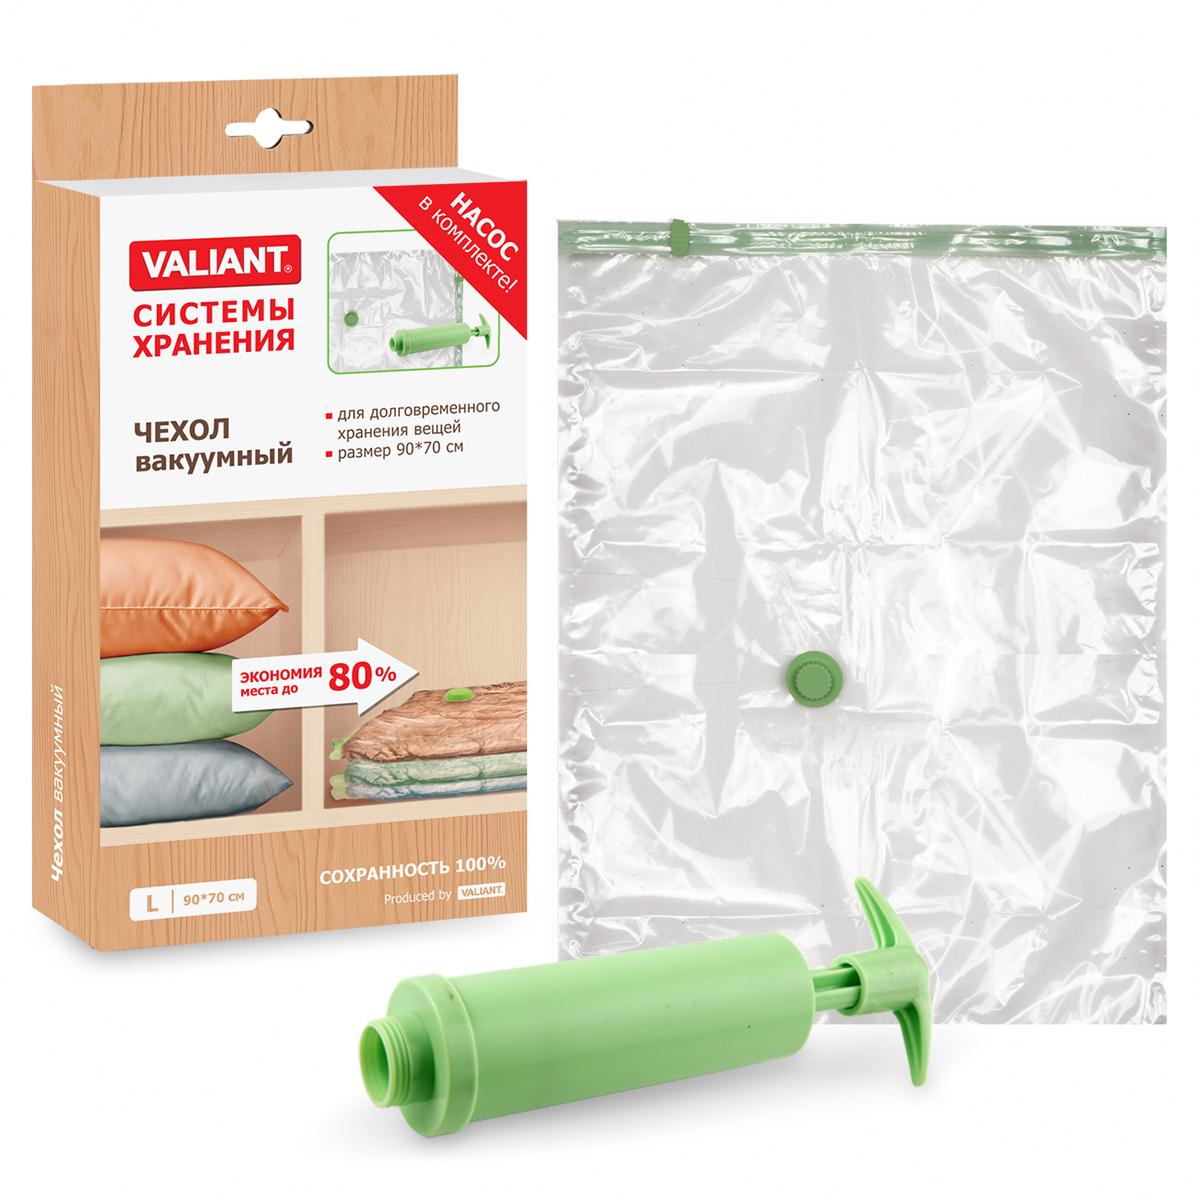 Чехол вакуумный Valiant, с насосом, 90 х 70 смMN97Вакуумный чехол Valiant предназначен для долговременного хранения вещей. Он отлично защитит вашу одежду от пыли и других загрязнений, а также поможет надолго сохранить ее безупречный вид. Чехол изготовлен из высококачественных полимерных материалов. В комплект входит пластиковый насос.Достоинства чехла Valiant:- вещи сжимаются в объеме на 80%, полностью сохраняя свое качество;- вещи можно хранить в течение целого сезона (осенью и зимой - летний гардероб, летом - зимние свитера, шарфы, теплые одеяла);- надежная защита вещей от любых повреждений - влаги, пыли, пятен, плесени, моли и других насекомых, а также от обесцвечивания, запахов и бактерий;- откачать воздух можно как ручным насосом, так и любым стандартным пылесосом (отверстие клапана 27 мм).